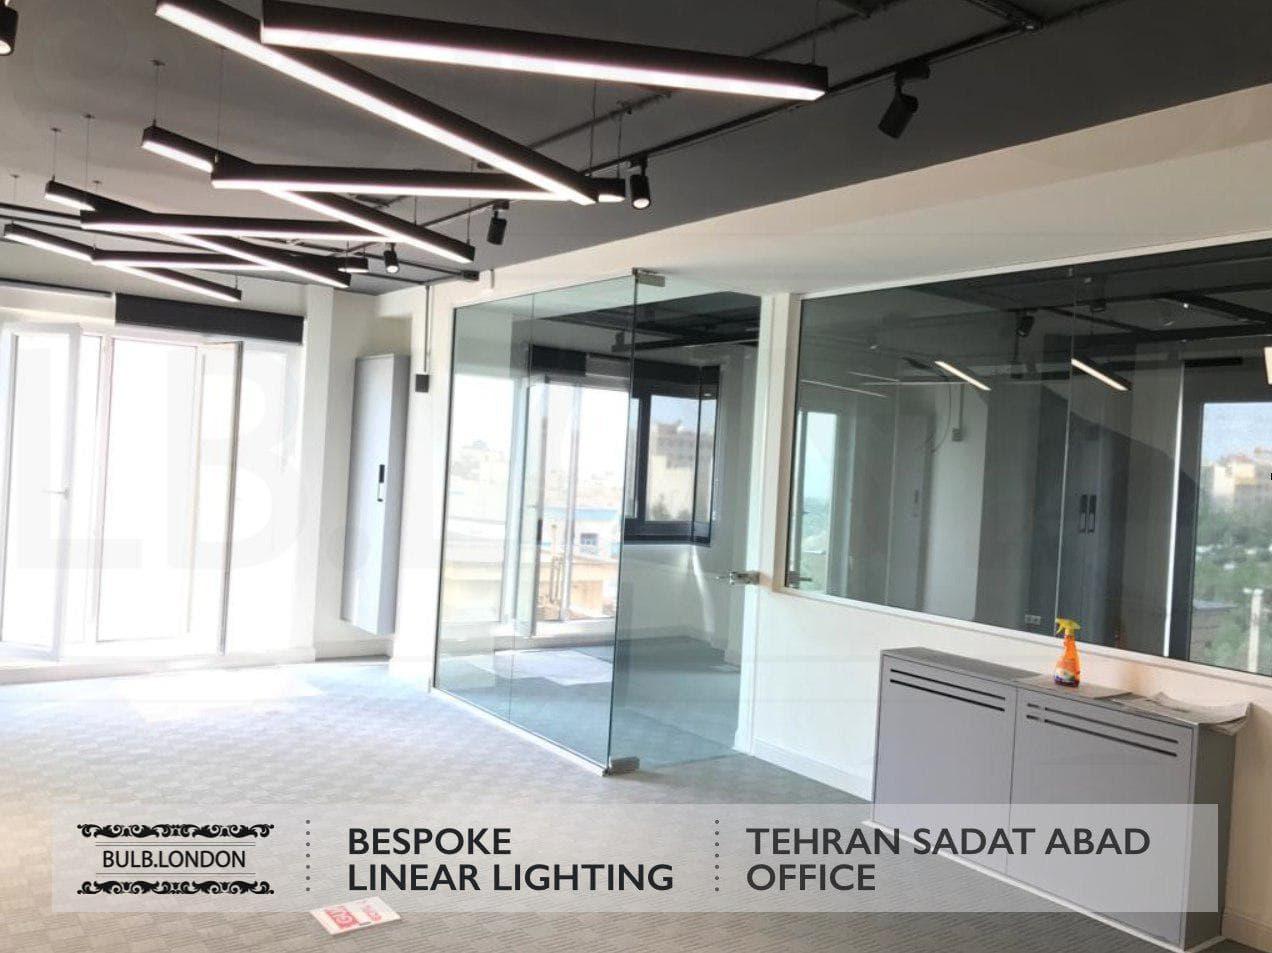 پروژه نورپردازی اداری در سعادت آباد